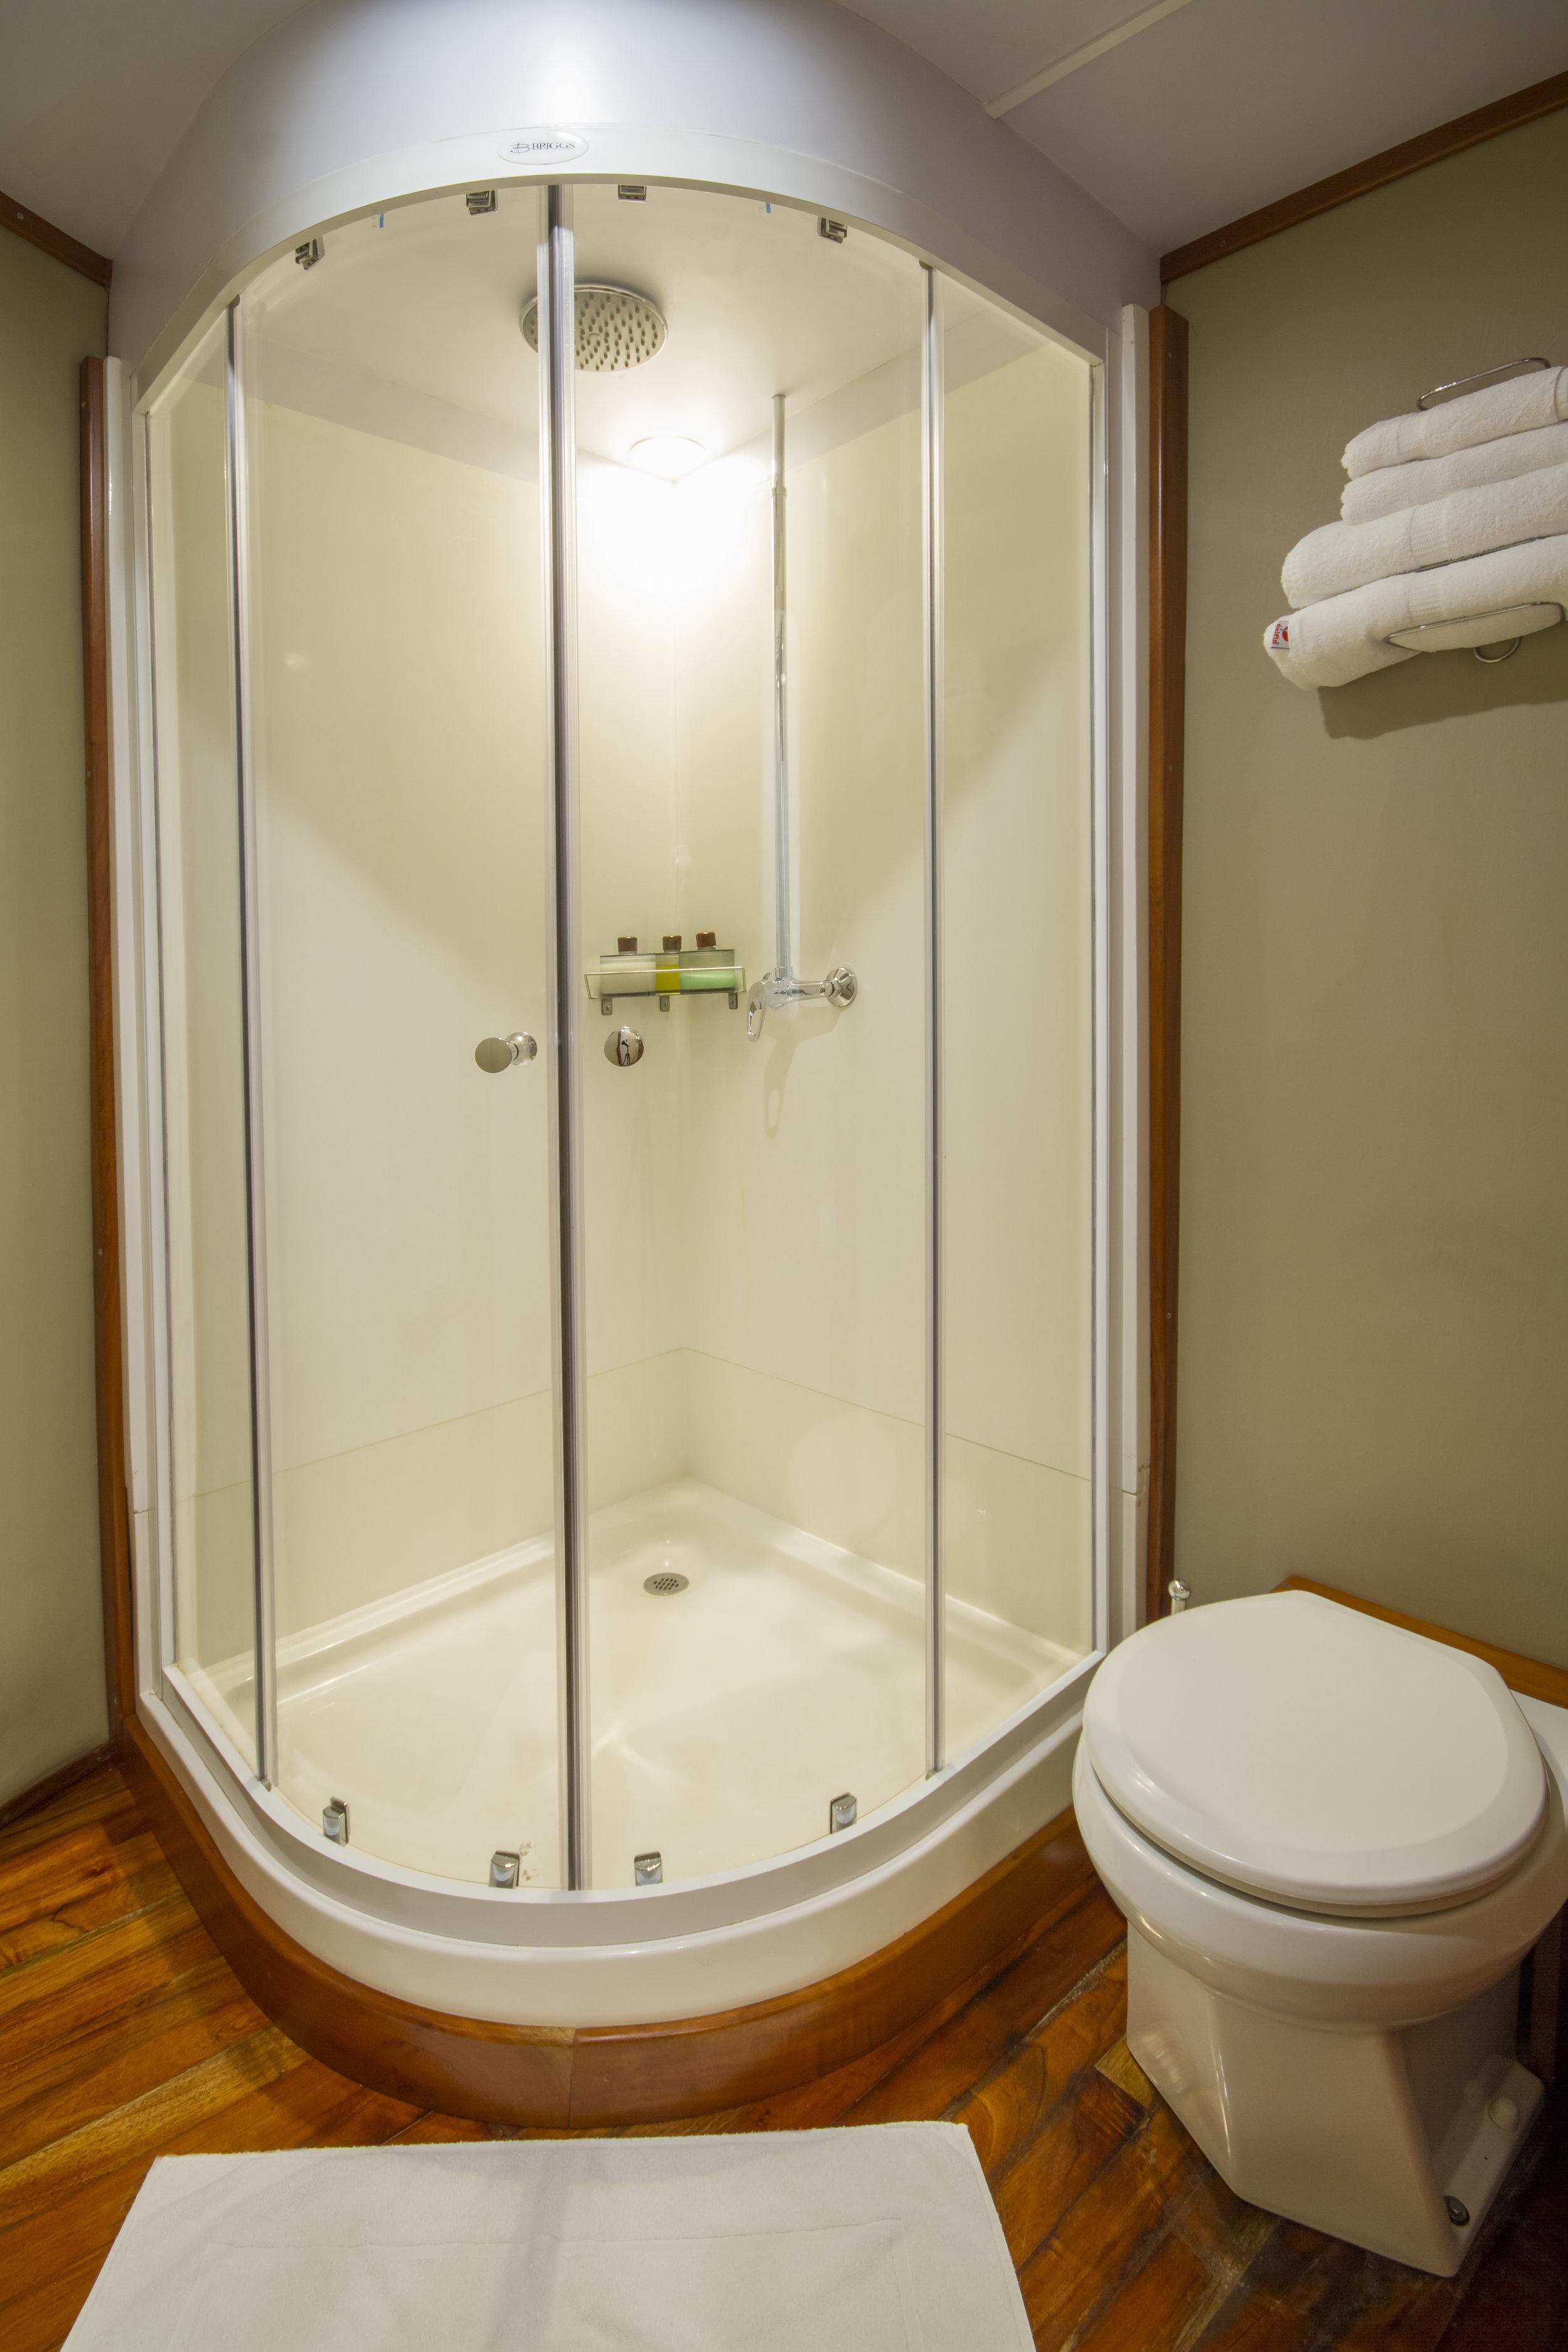 Stateroom 01 Owner's Suite shower.jpg